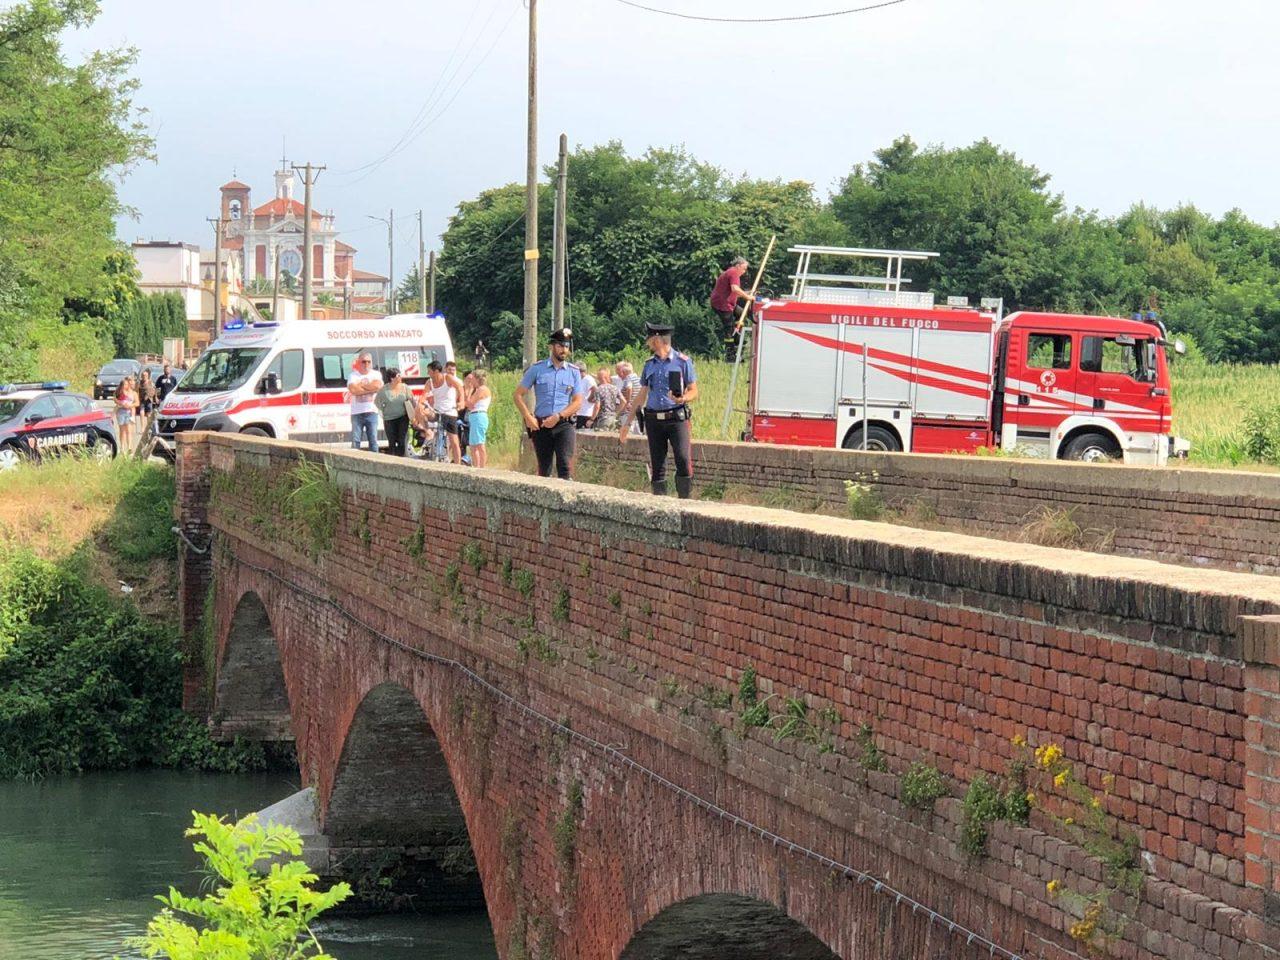 Uomo si butta nel canale a Chivasso e muore. Il cadavere è stato recuperato all